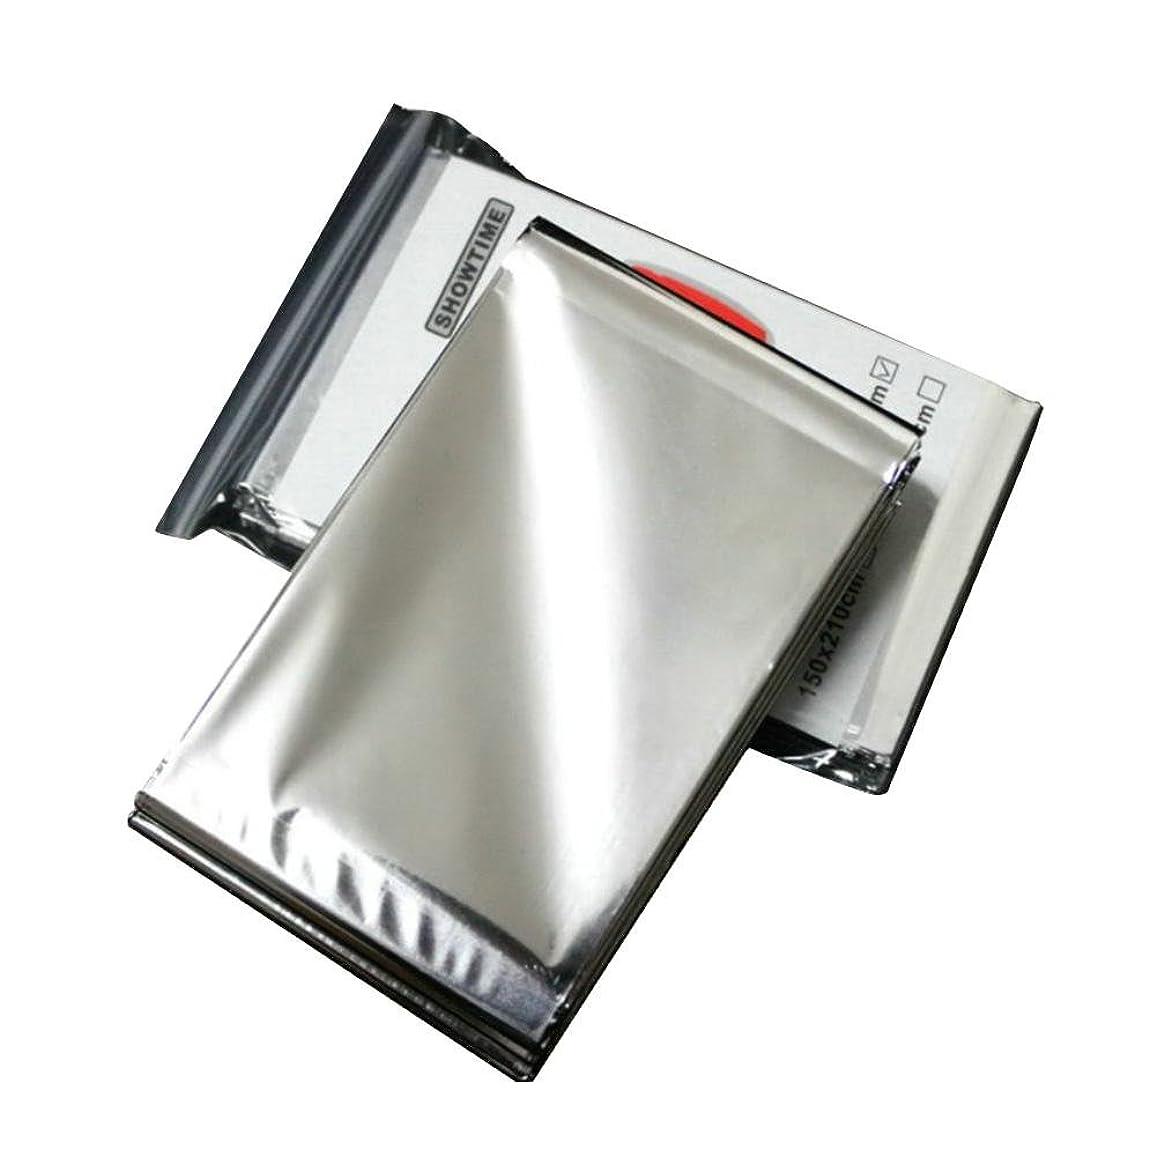 お願いしますとても債務k-outdoor サバイバルシート アウトドア 防災用 折り畳み 防水 防寒 保温 軽量 UV対策 日焼け防止 130*210mm